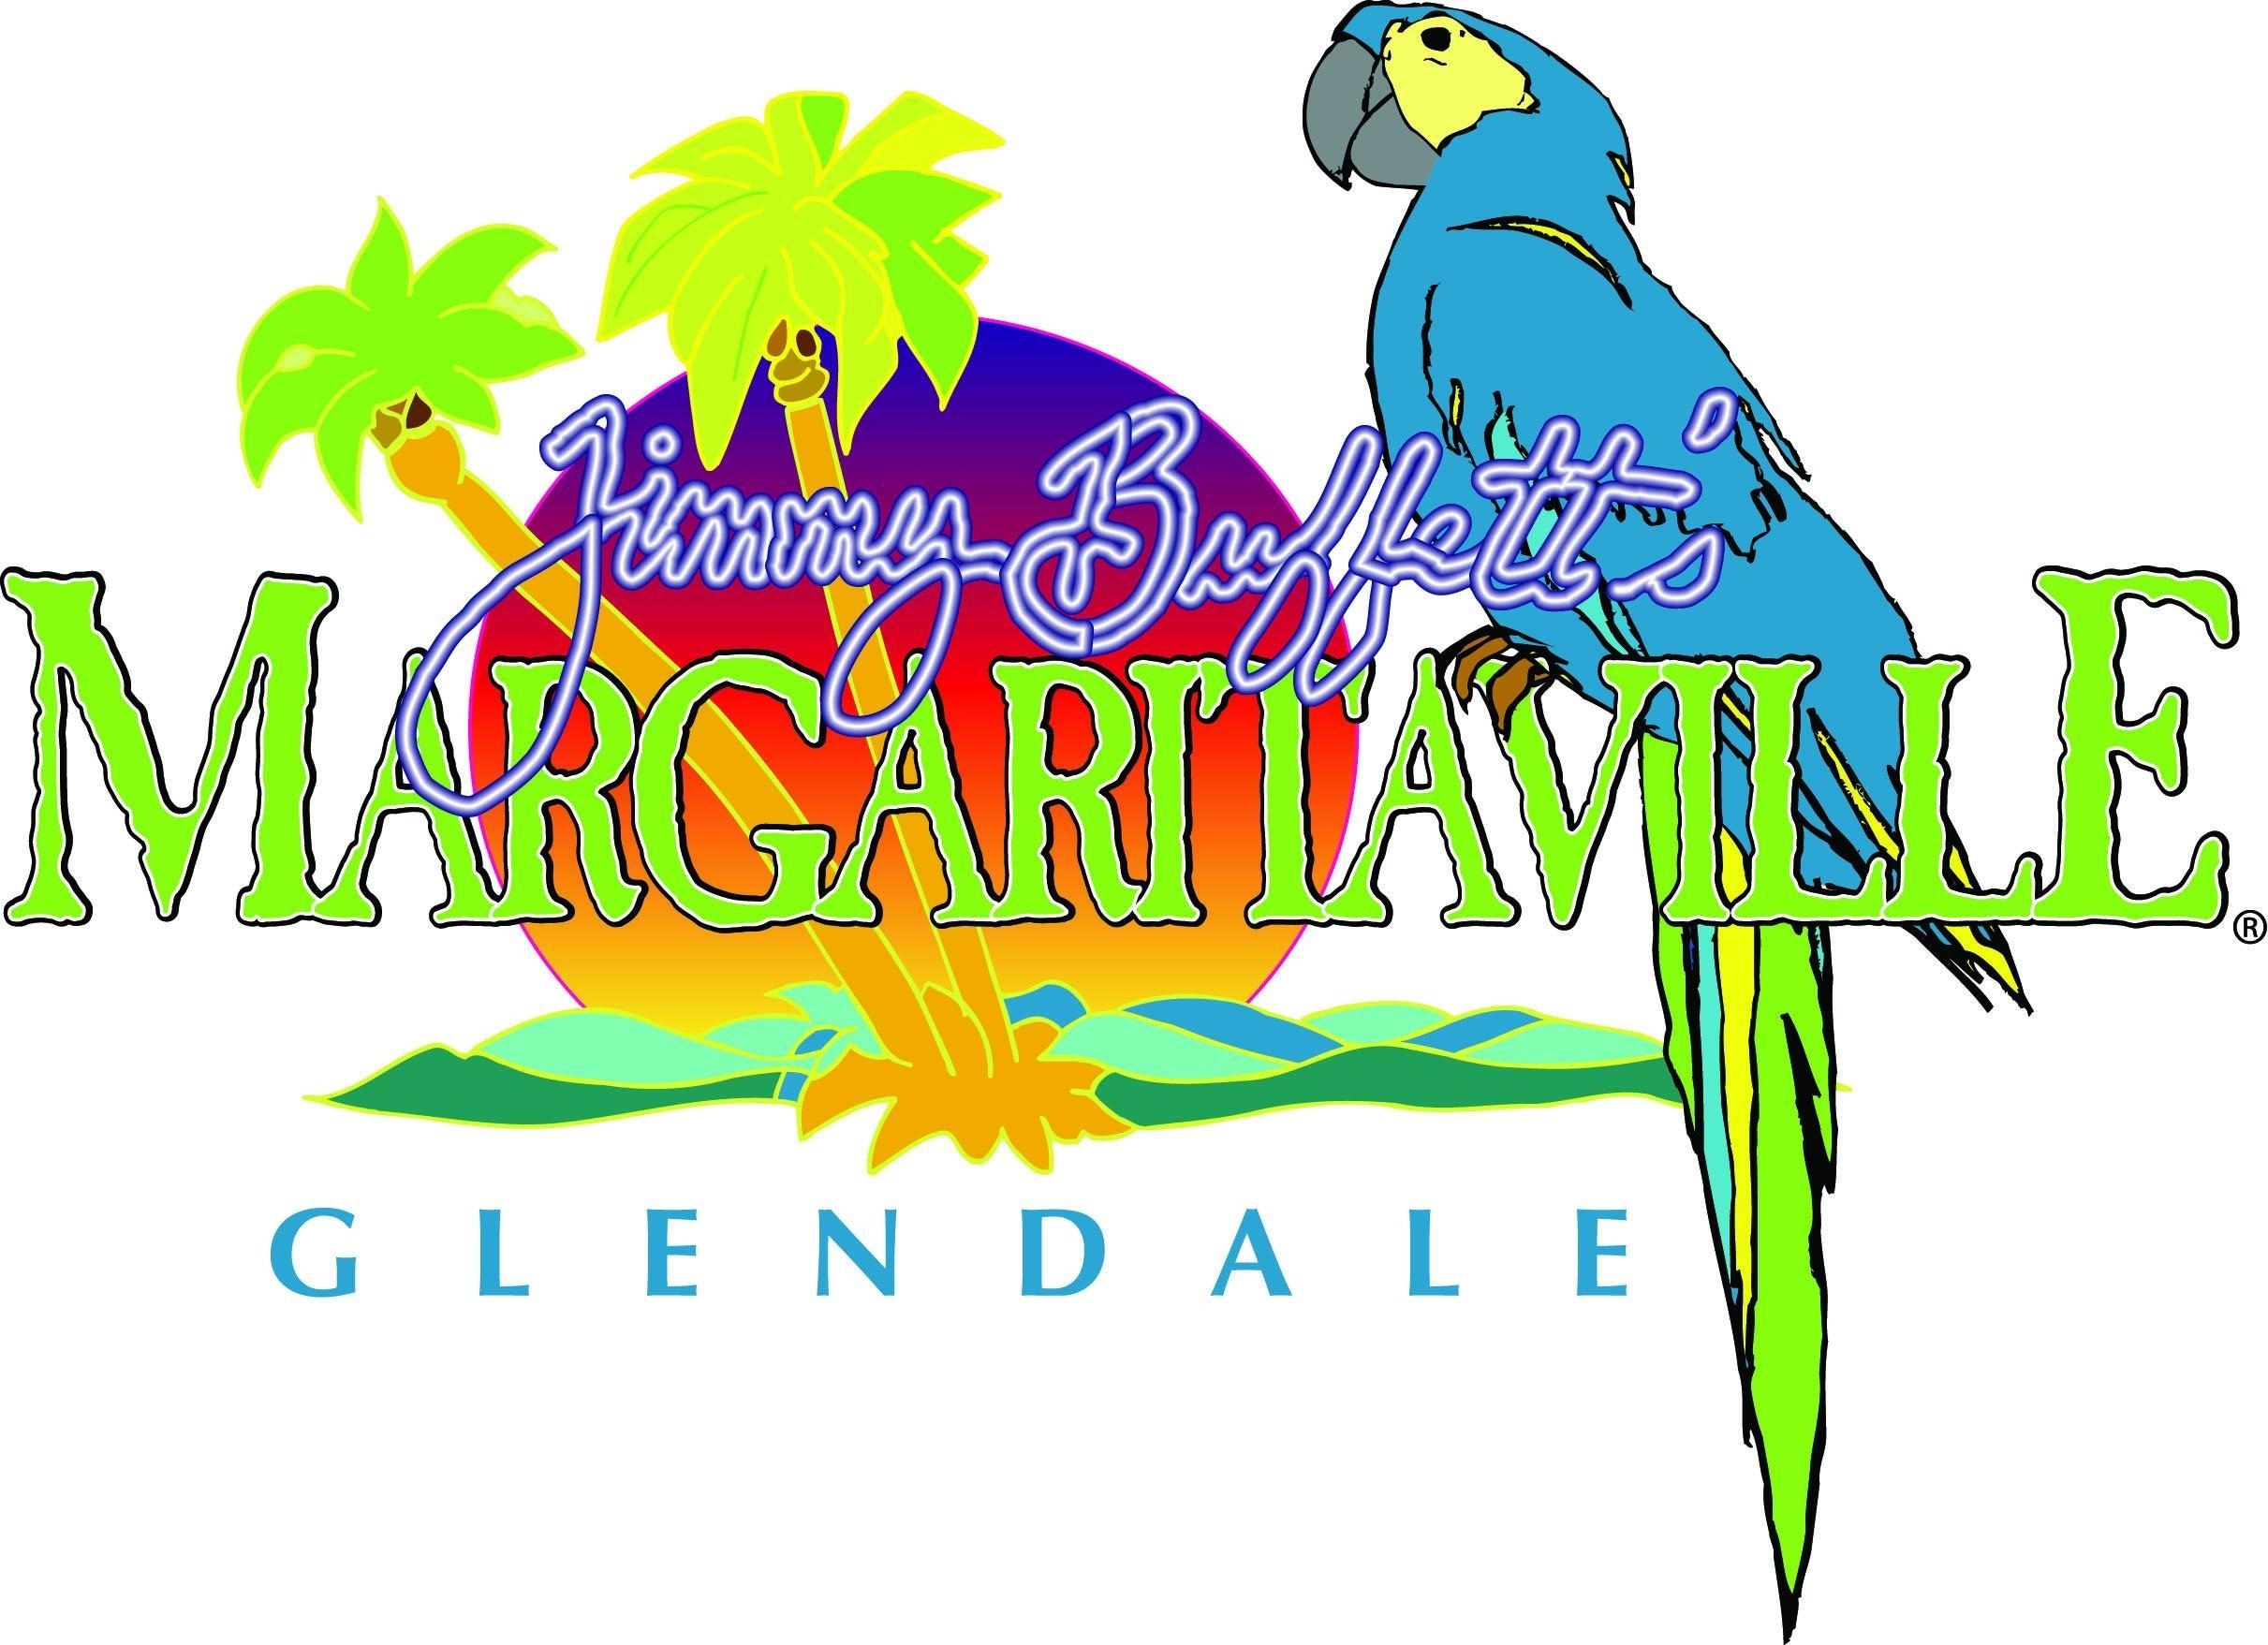 Margaritaville - Closed